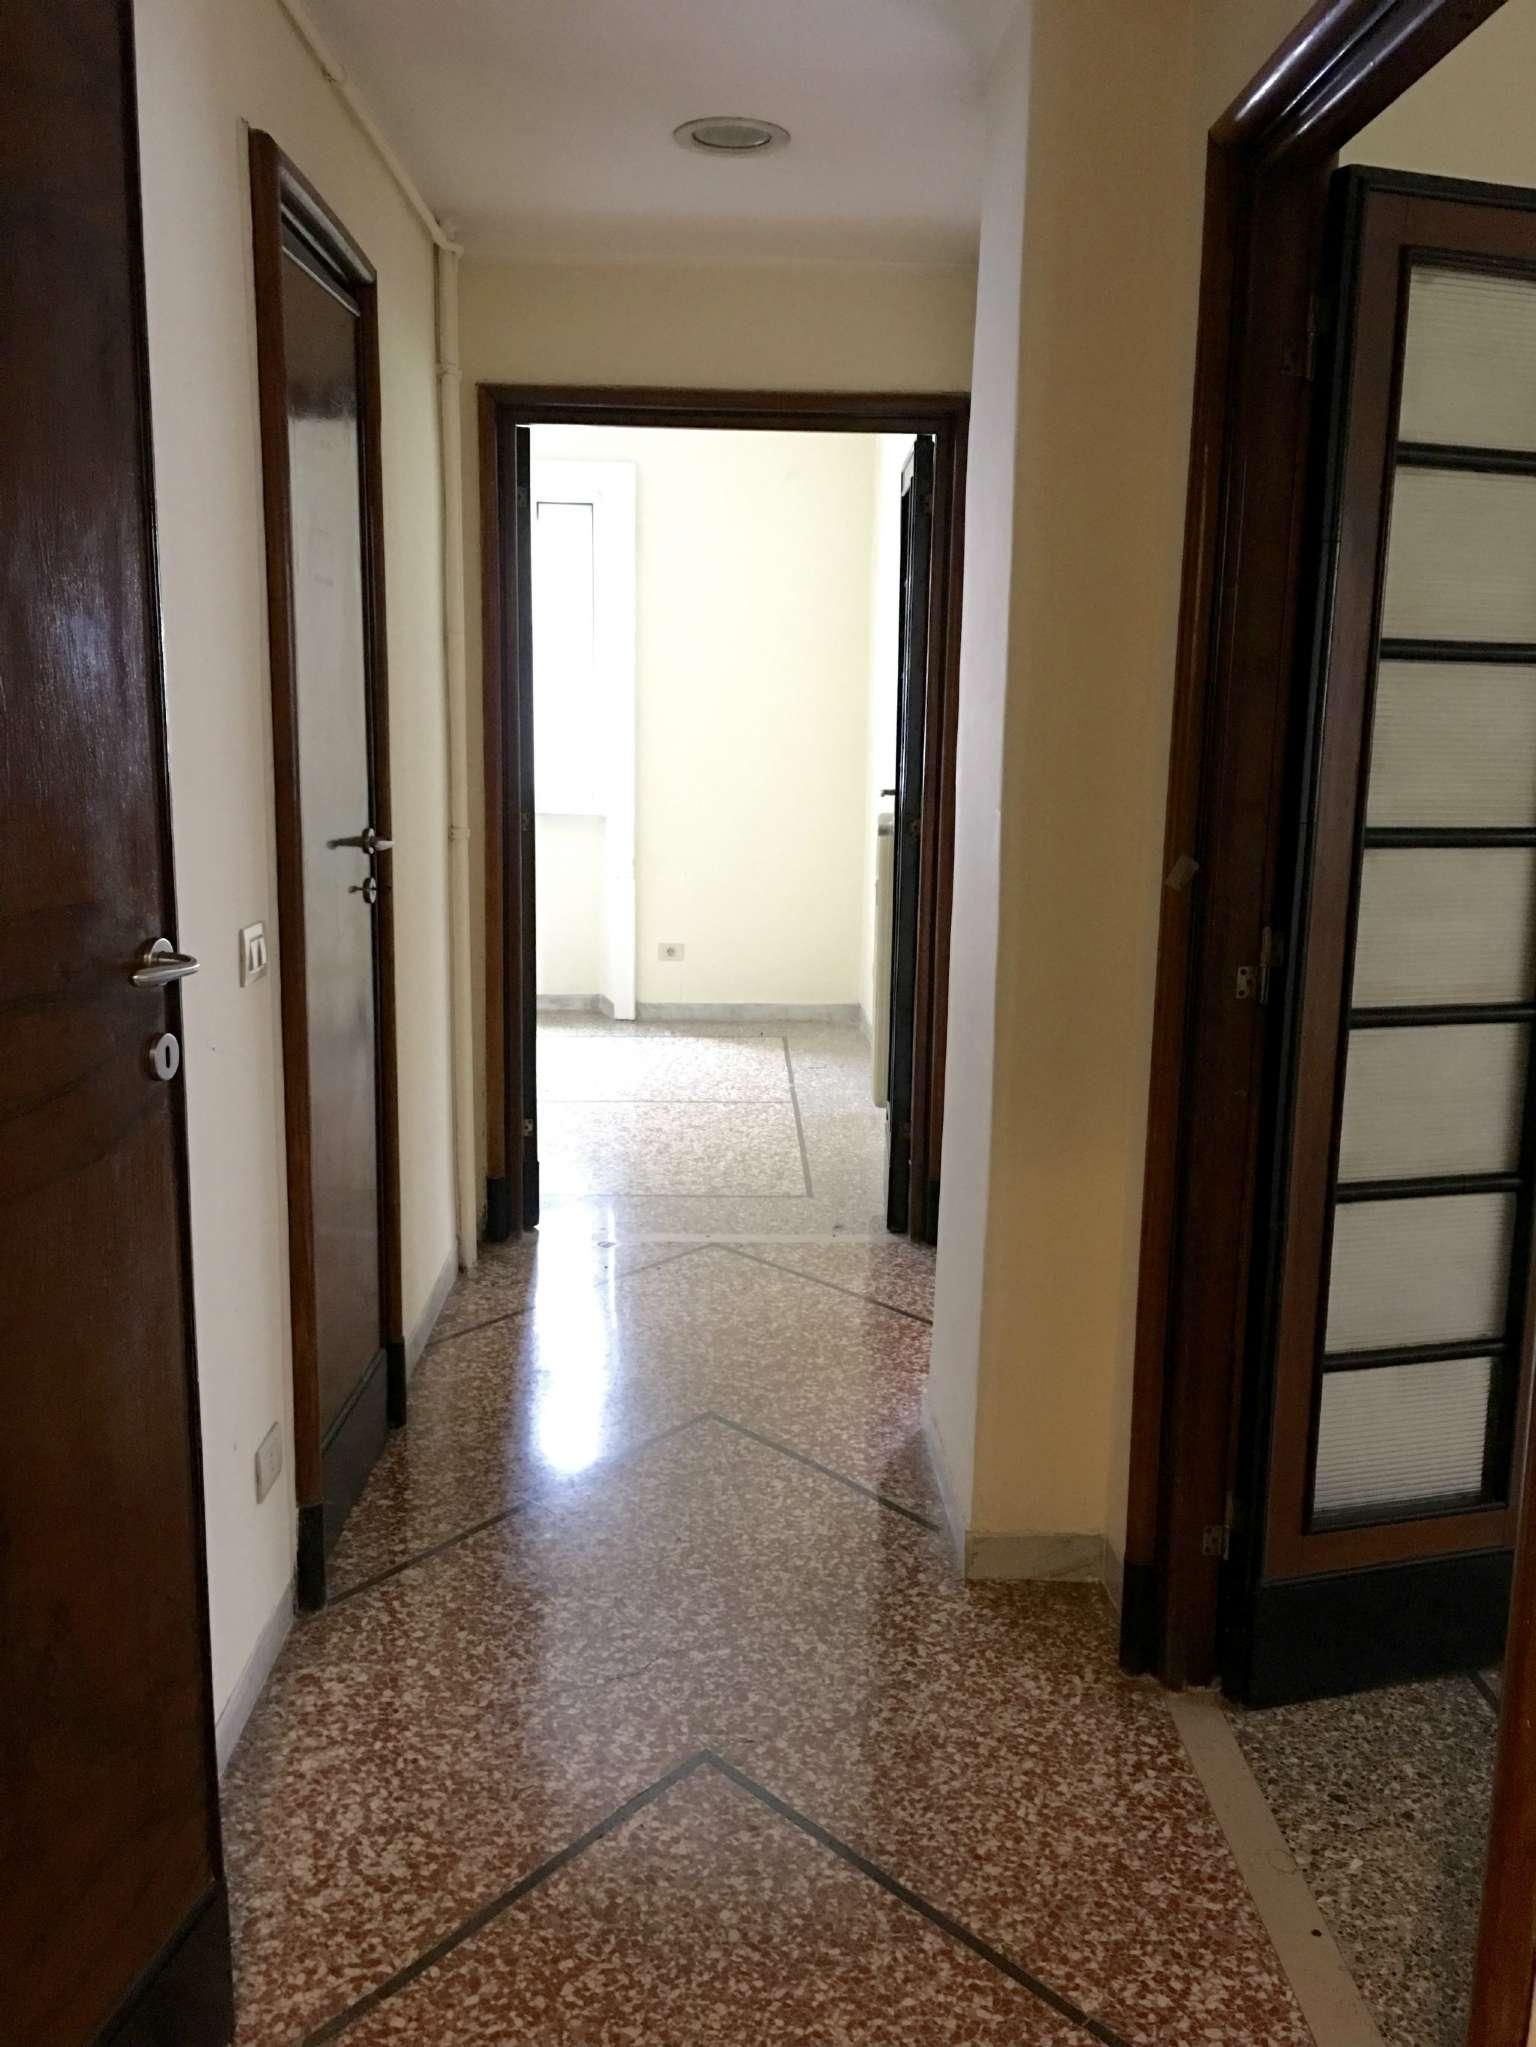 Ufficio / Studio in affitto a Roma, 5 locali, zona Zona: 3 . Trieste - Somalia - Salario, prezzo € 1.500 | CambioCasa.it